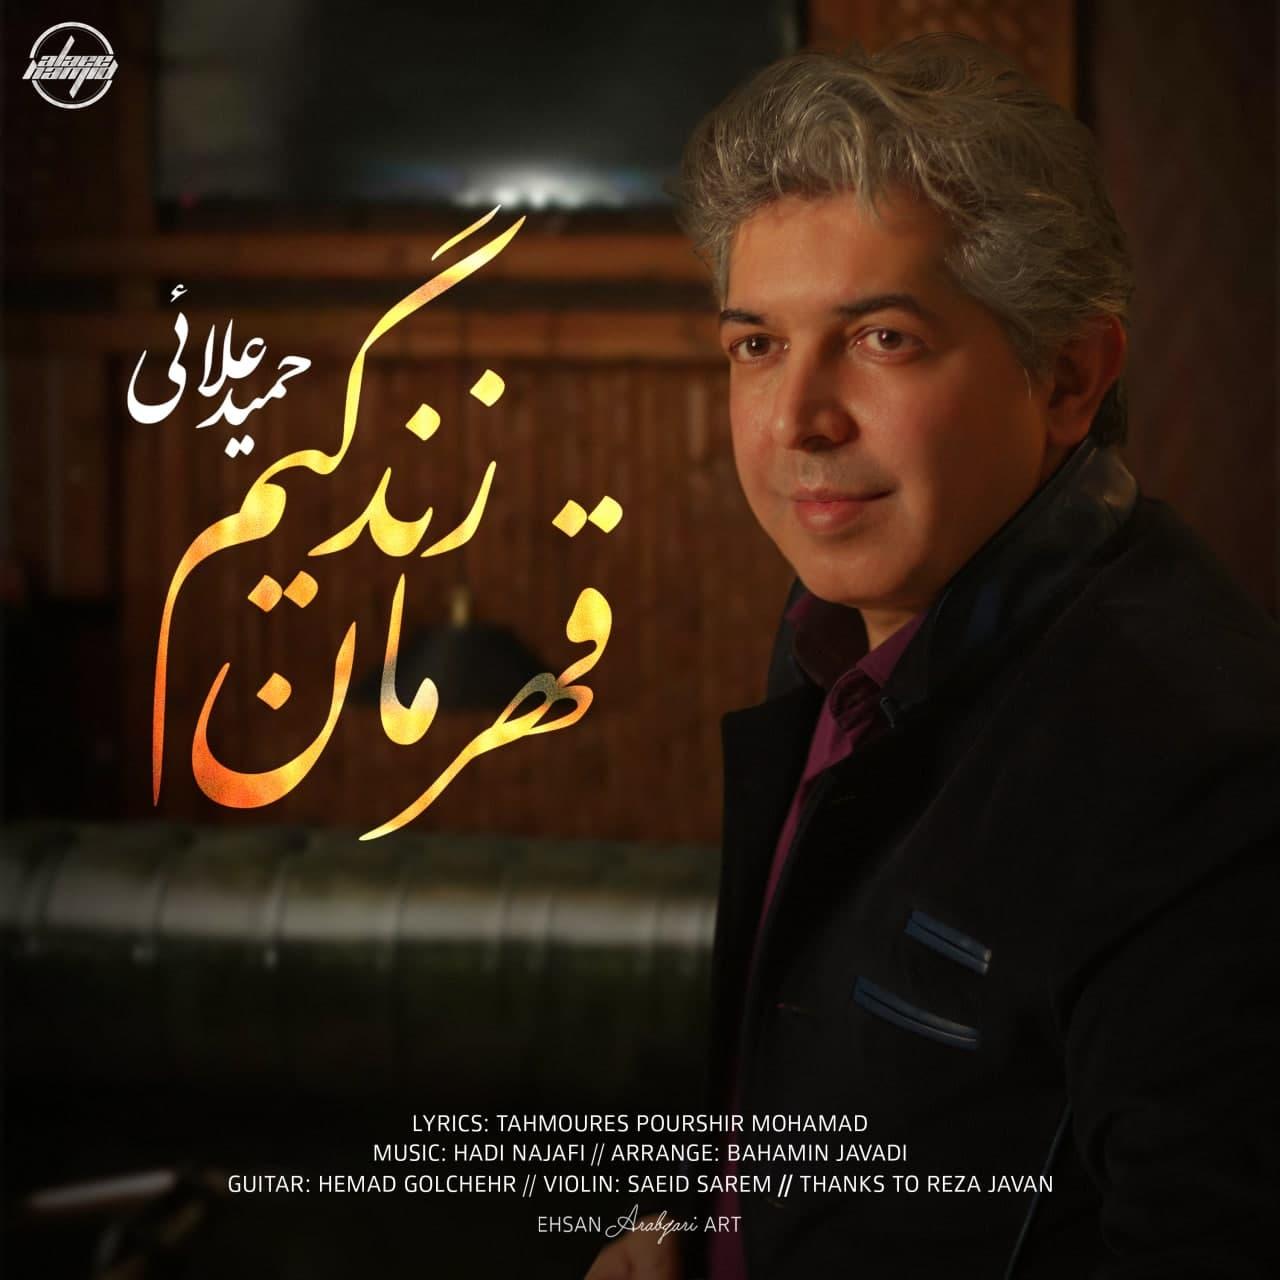 دانلود موزیک جدید قهرمان زندگیم از حمید علایی